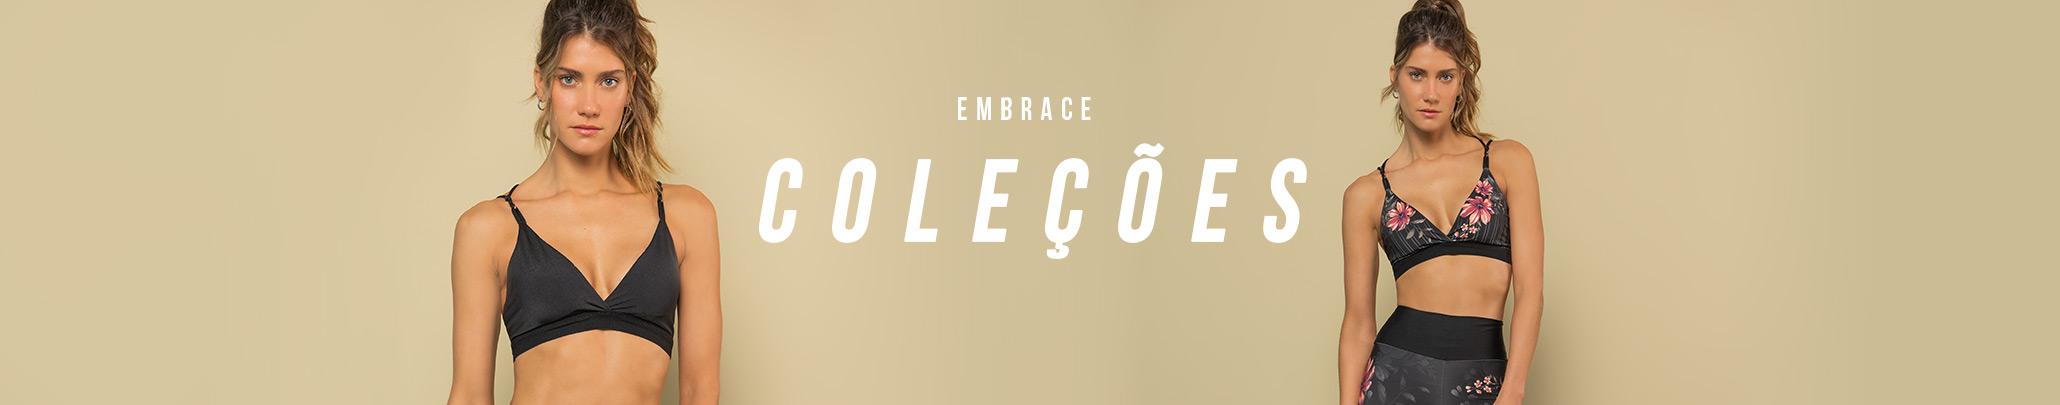 colecoes-lancamento_DP_BR_V2